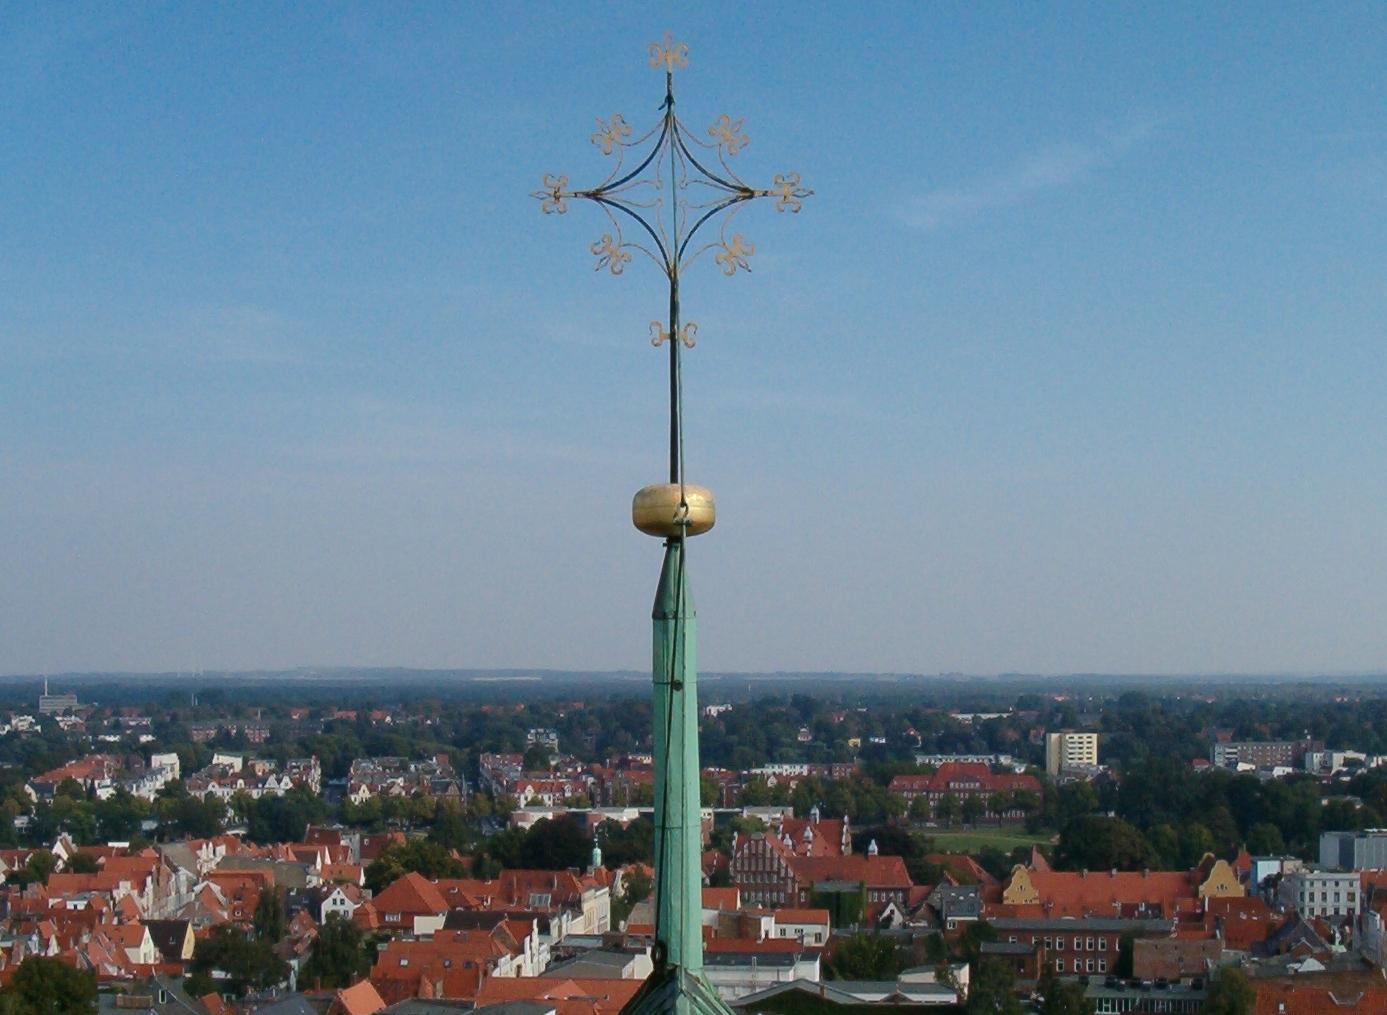 St. Marien, Ostkreuz